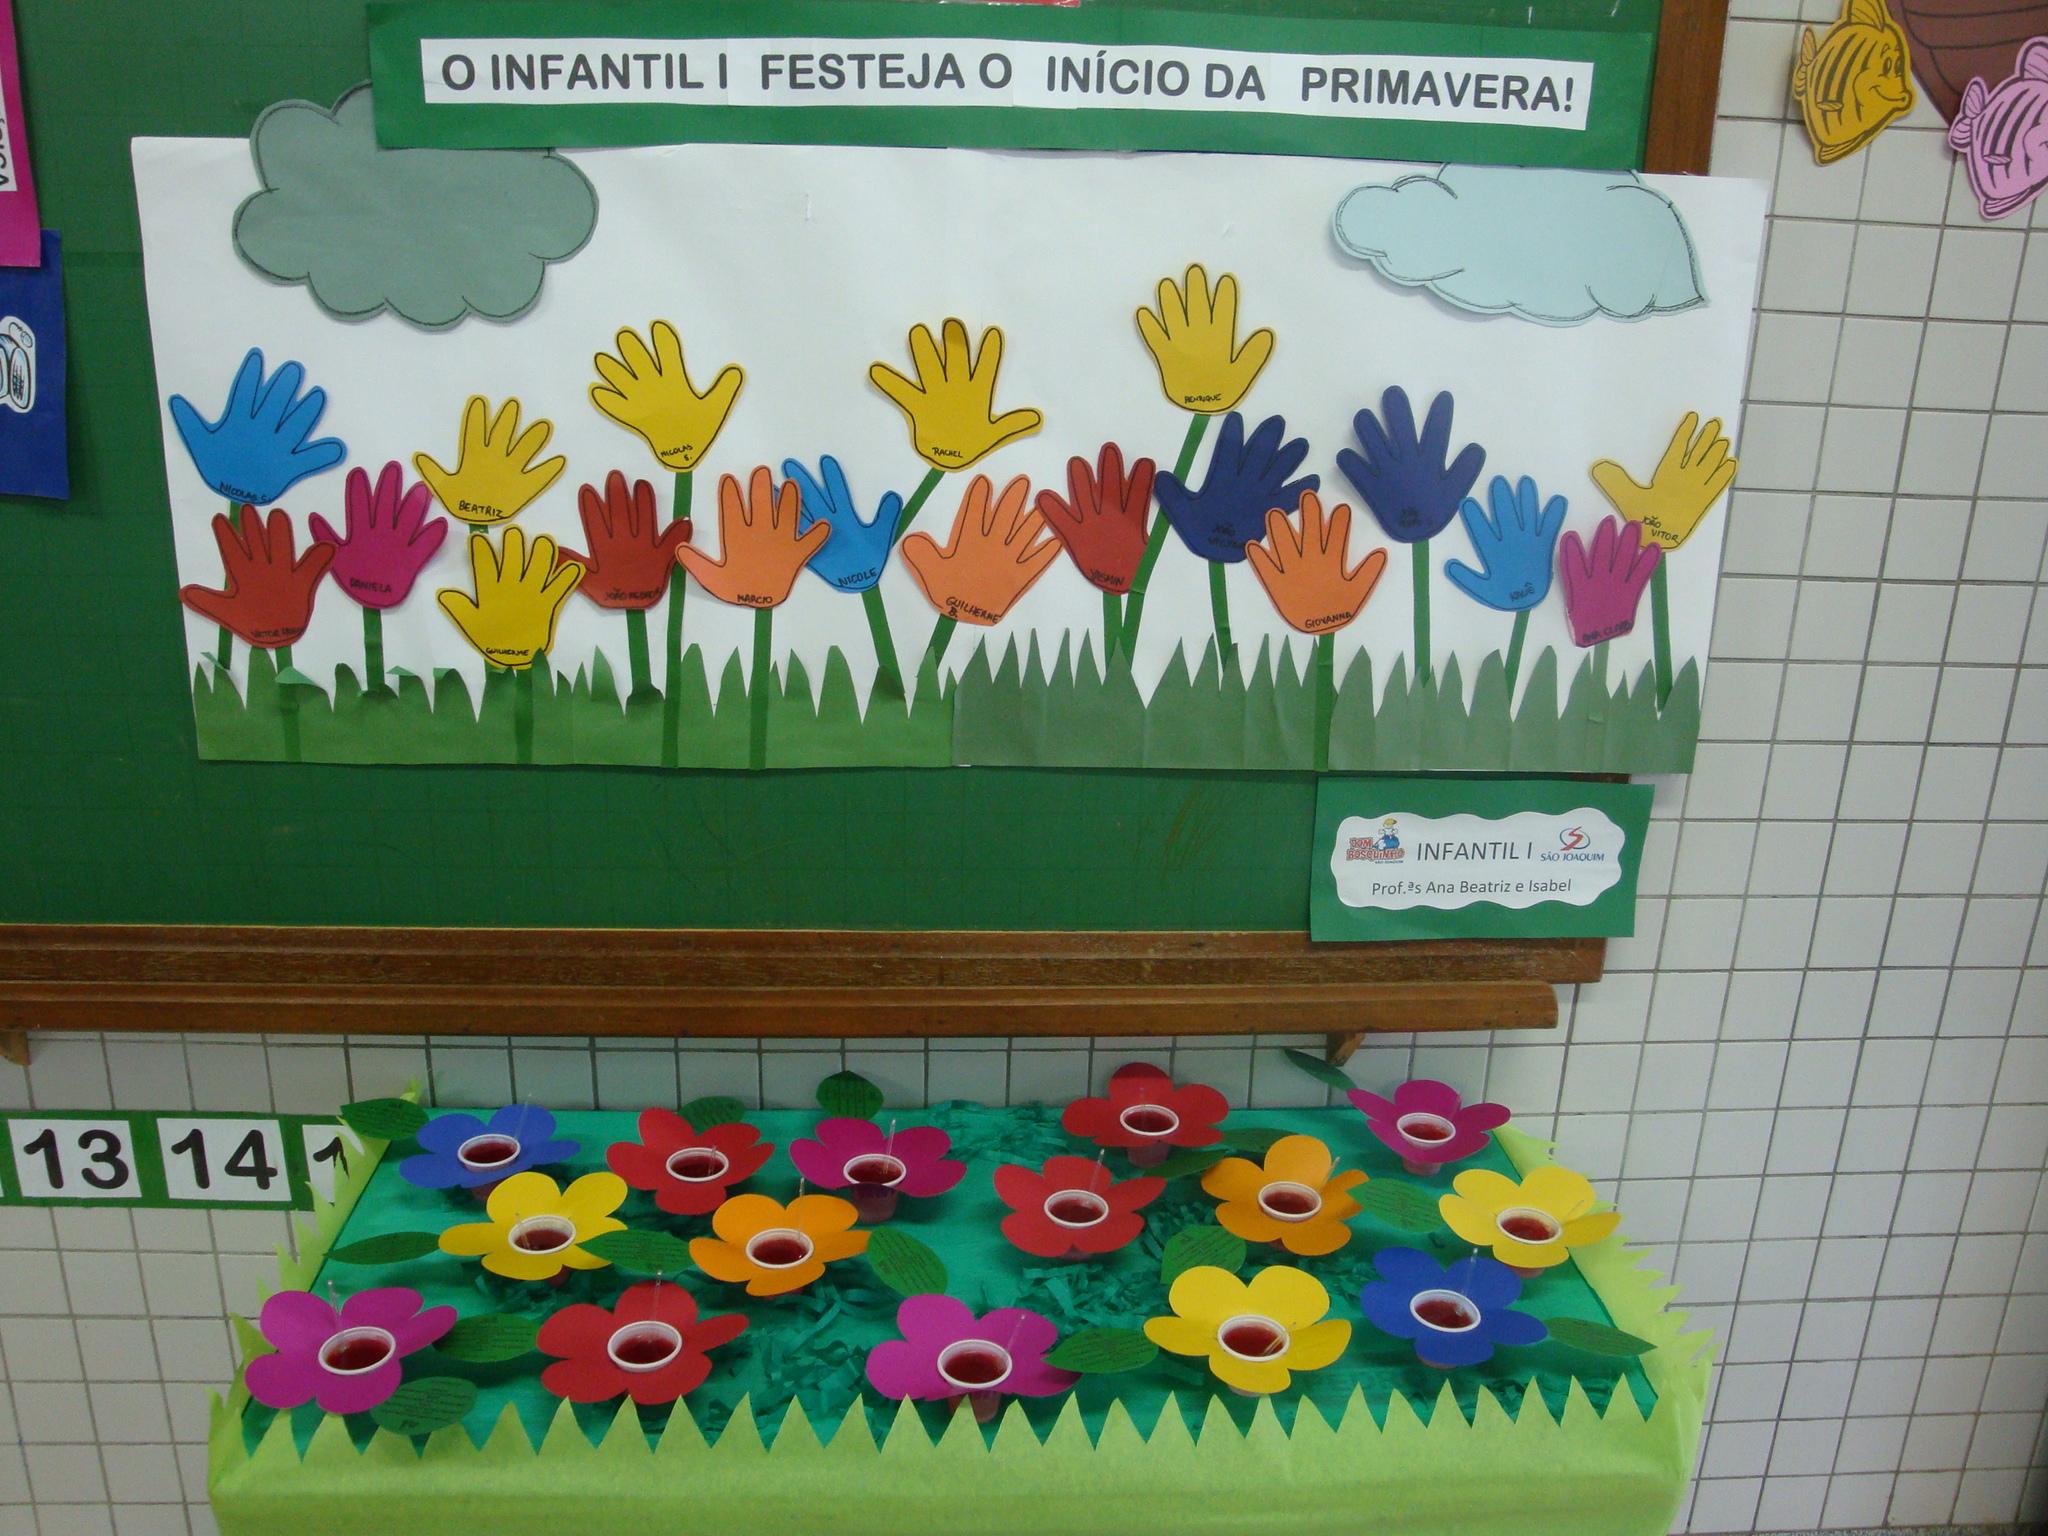 Mural De Primavera Para Educação Infantil